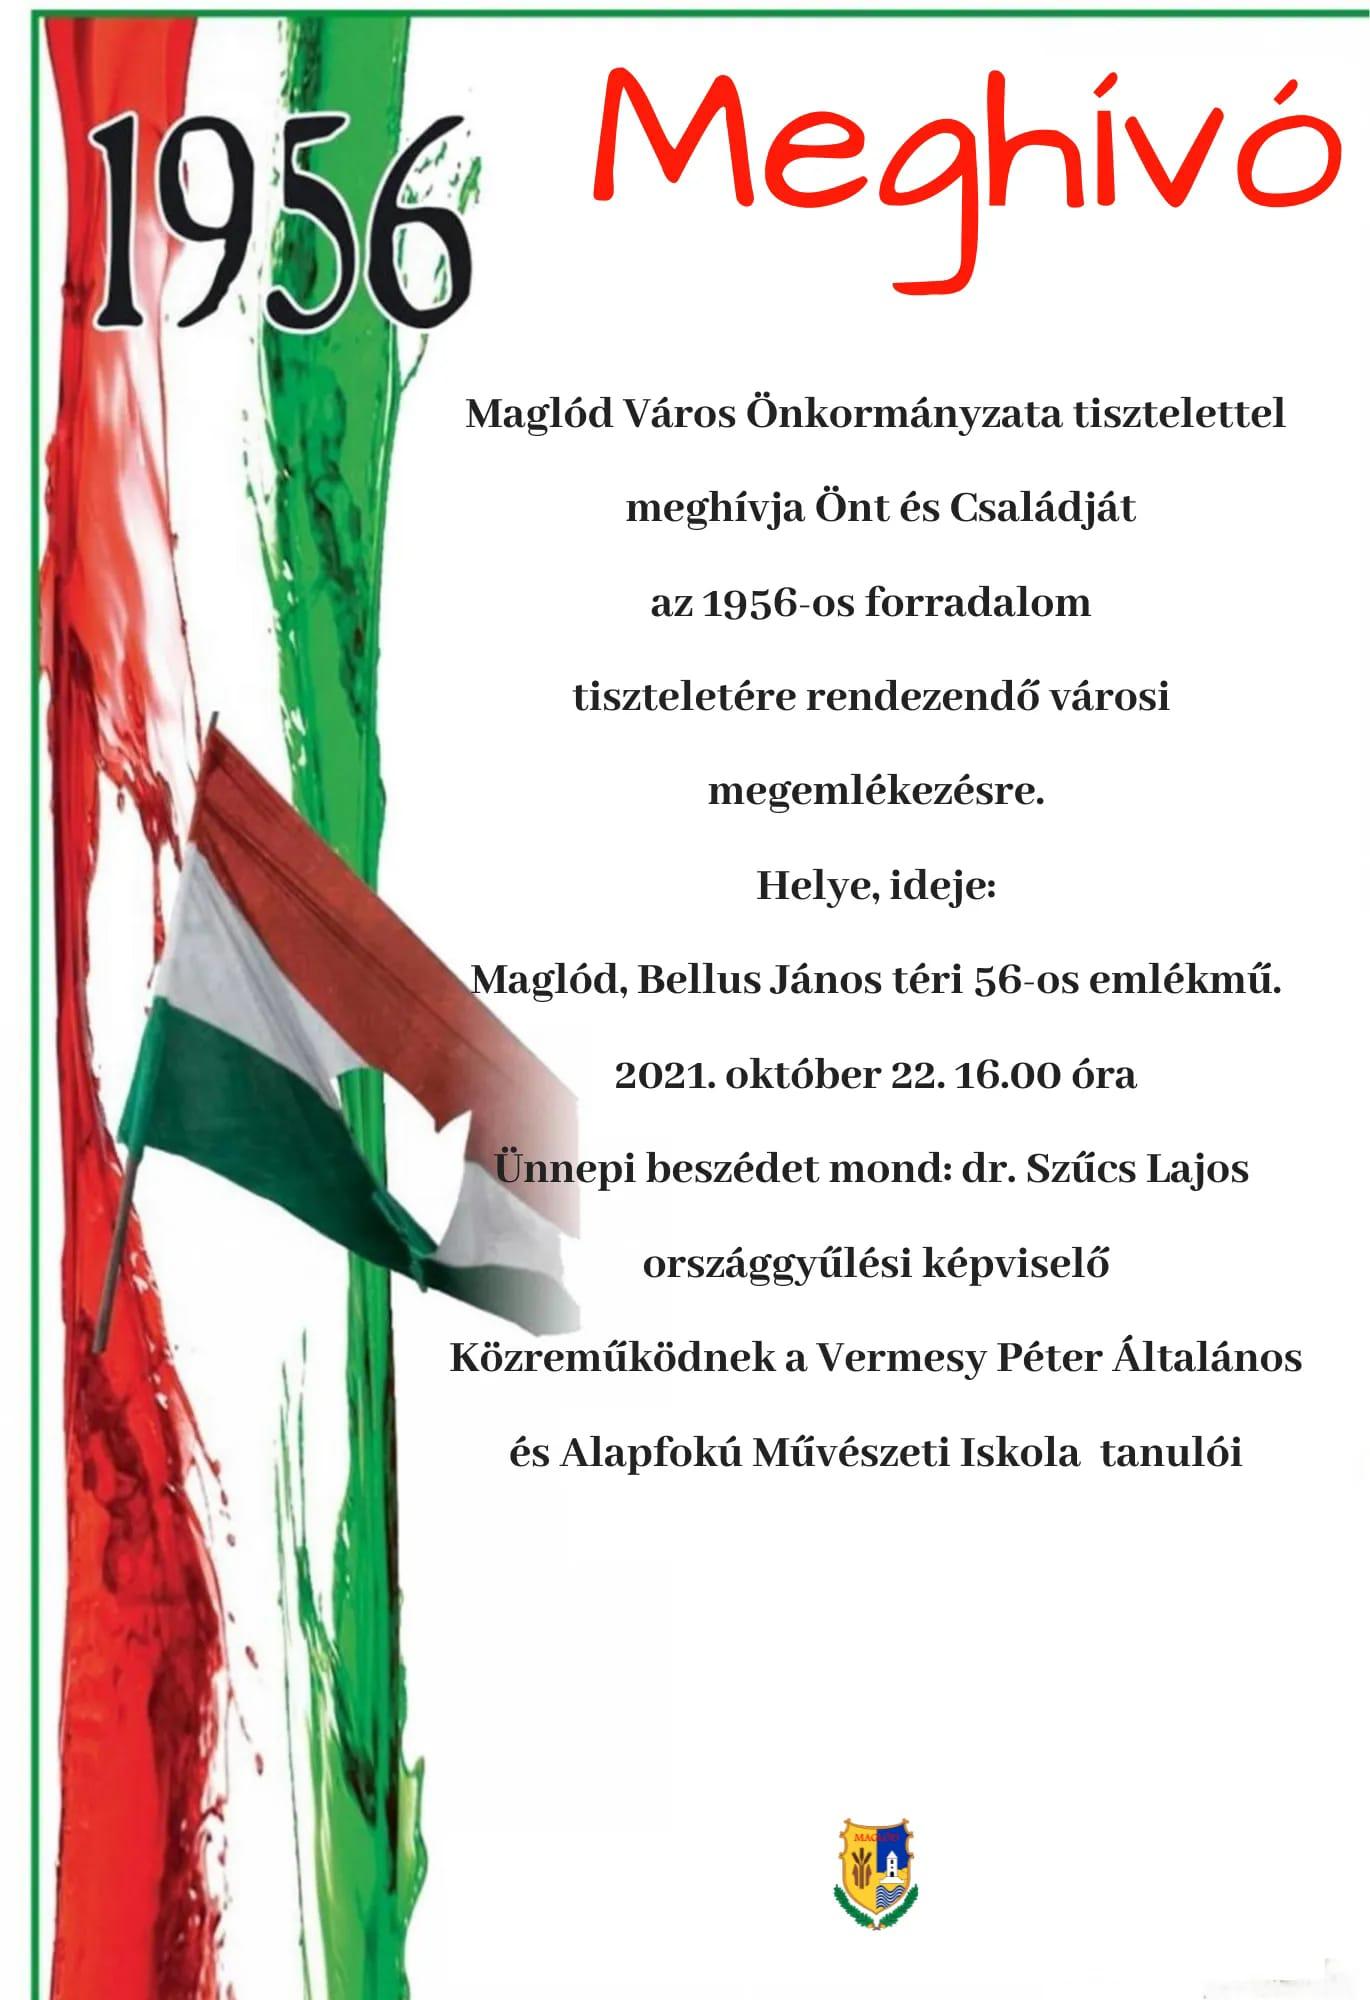 2021.10.22. 1956-os forradalom - városi megemlékezés